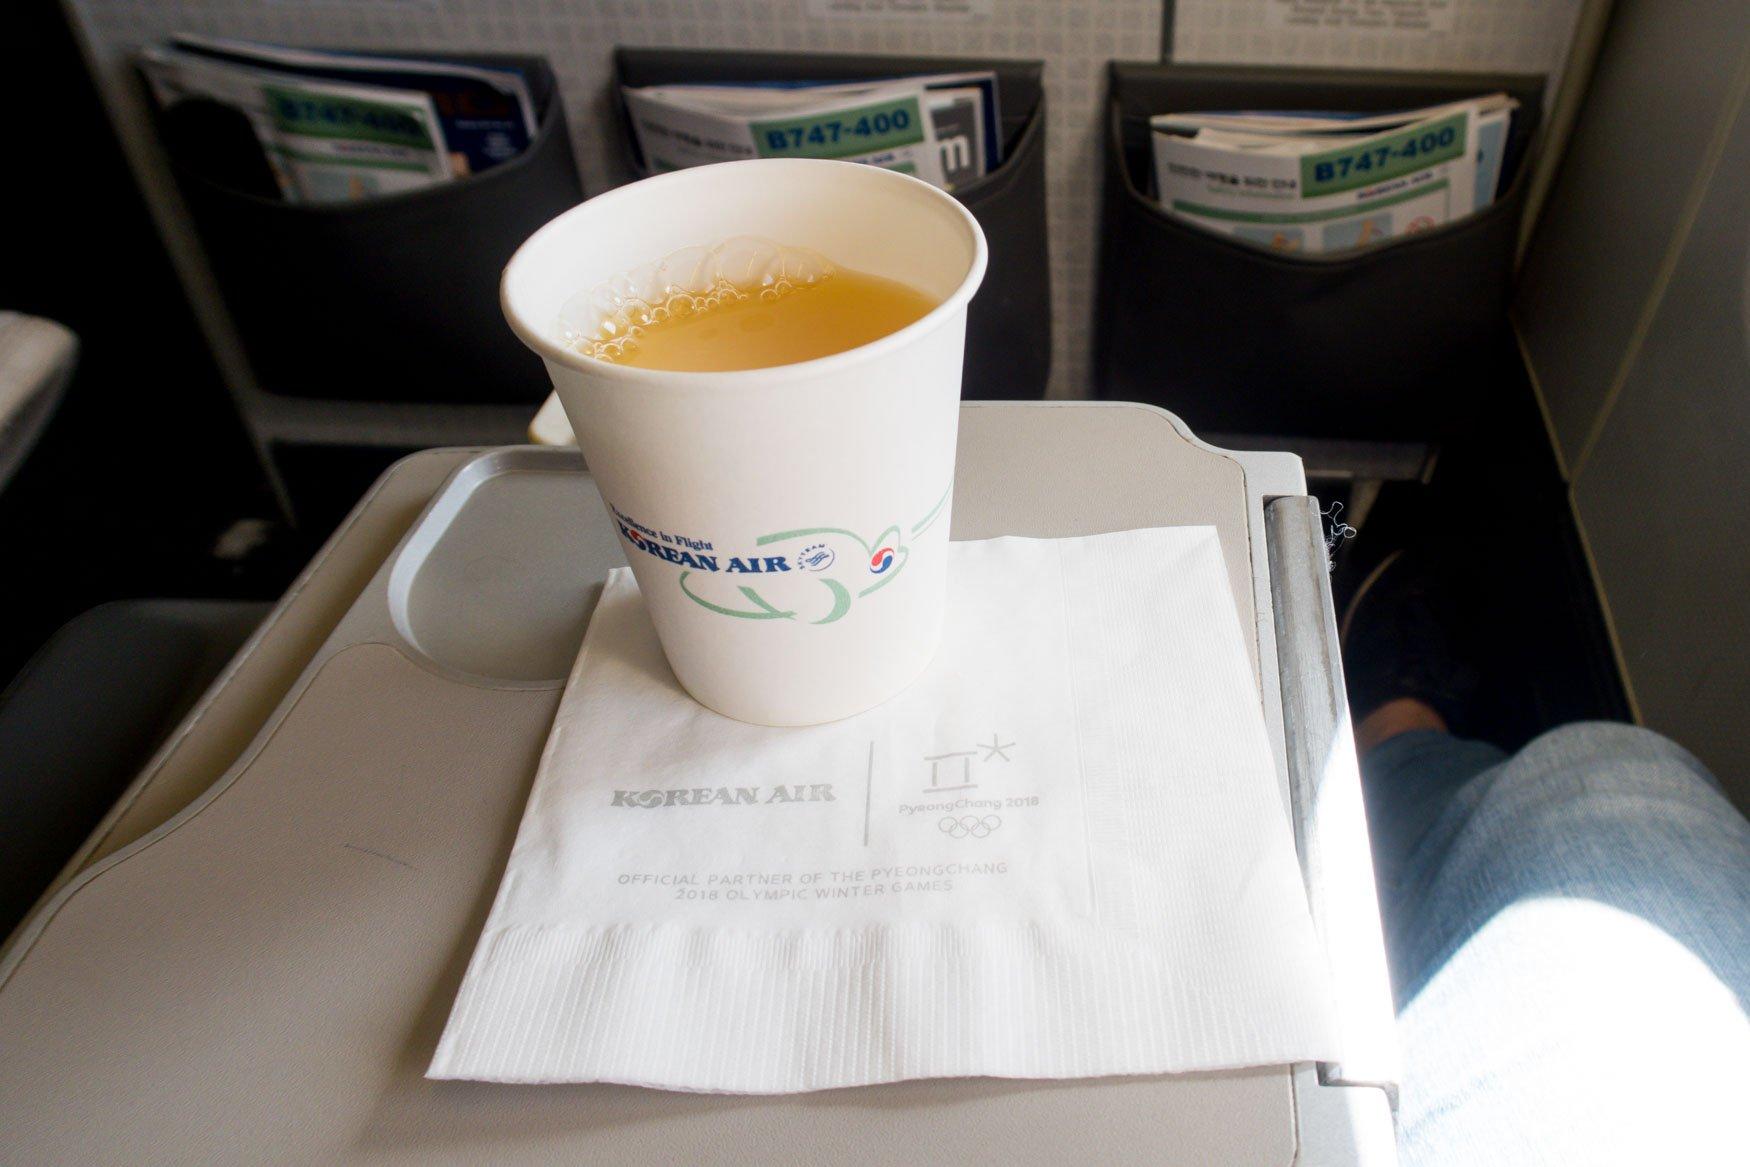 Korean Air Drink